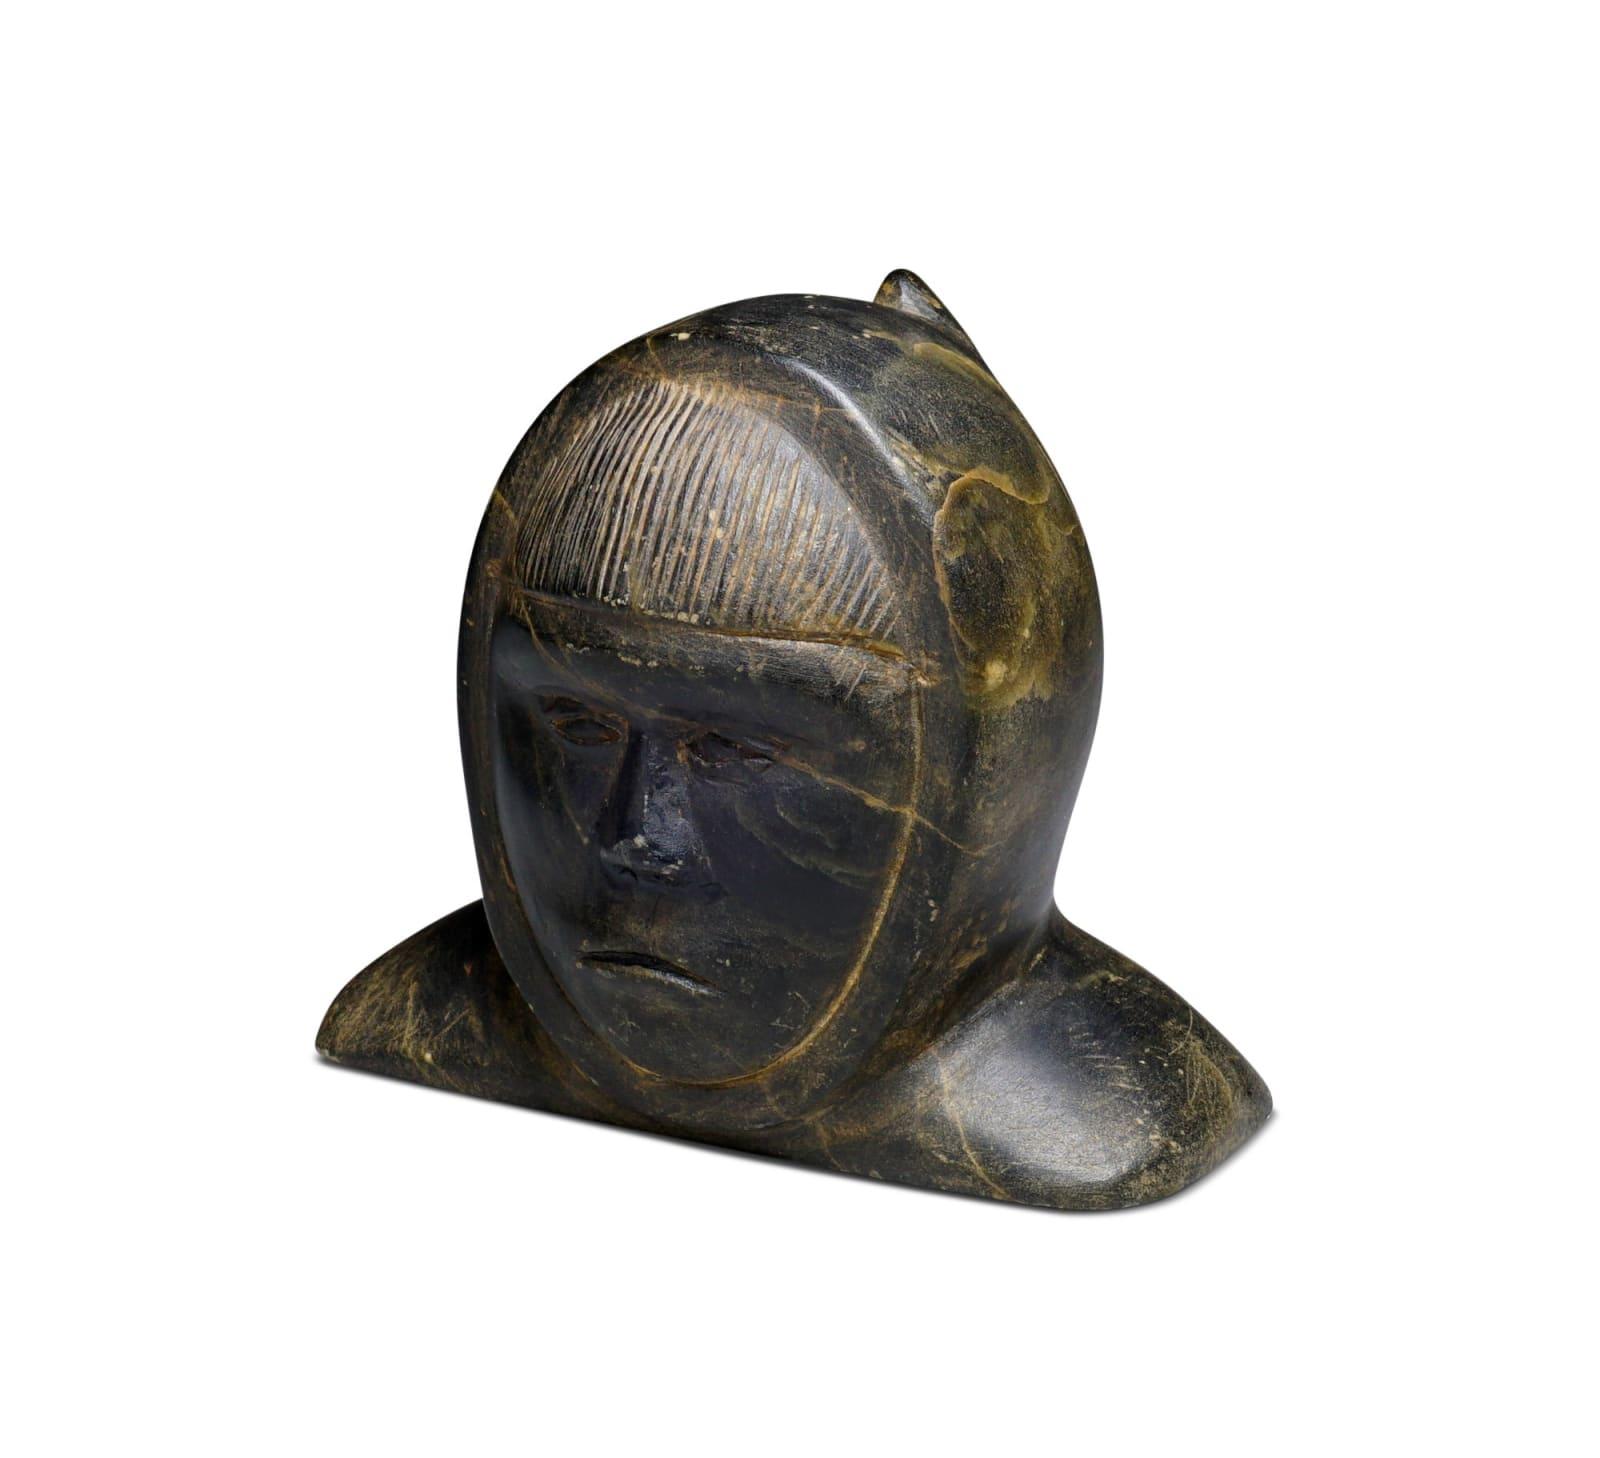 LOT 23 TERRY IRQITTUQ (1930-) SANIRAJAK (HALL BEACH) Bust of a Man, 1963 stone, 3 x 3 1/2 x 2 3/4 in (7.6 x 8.9 x 7 cm) ESTIMATE: $150 — $250